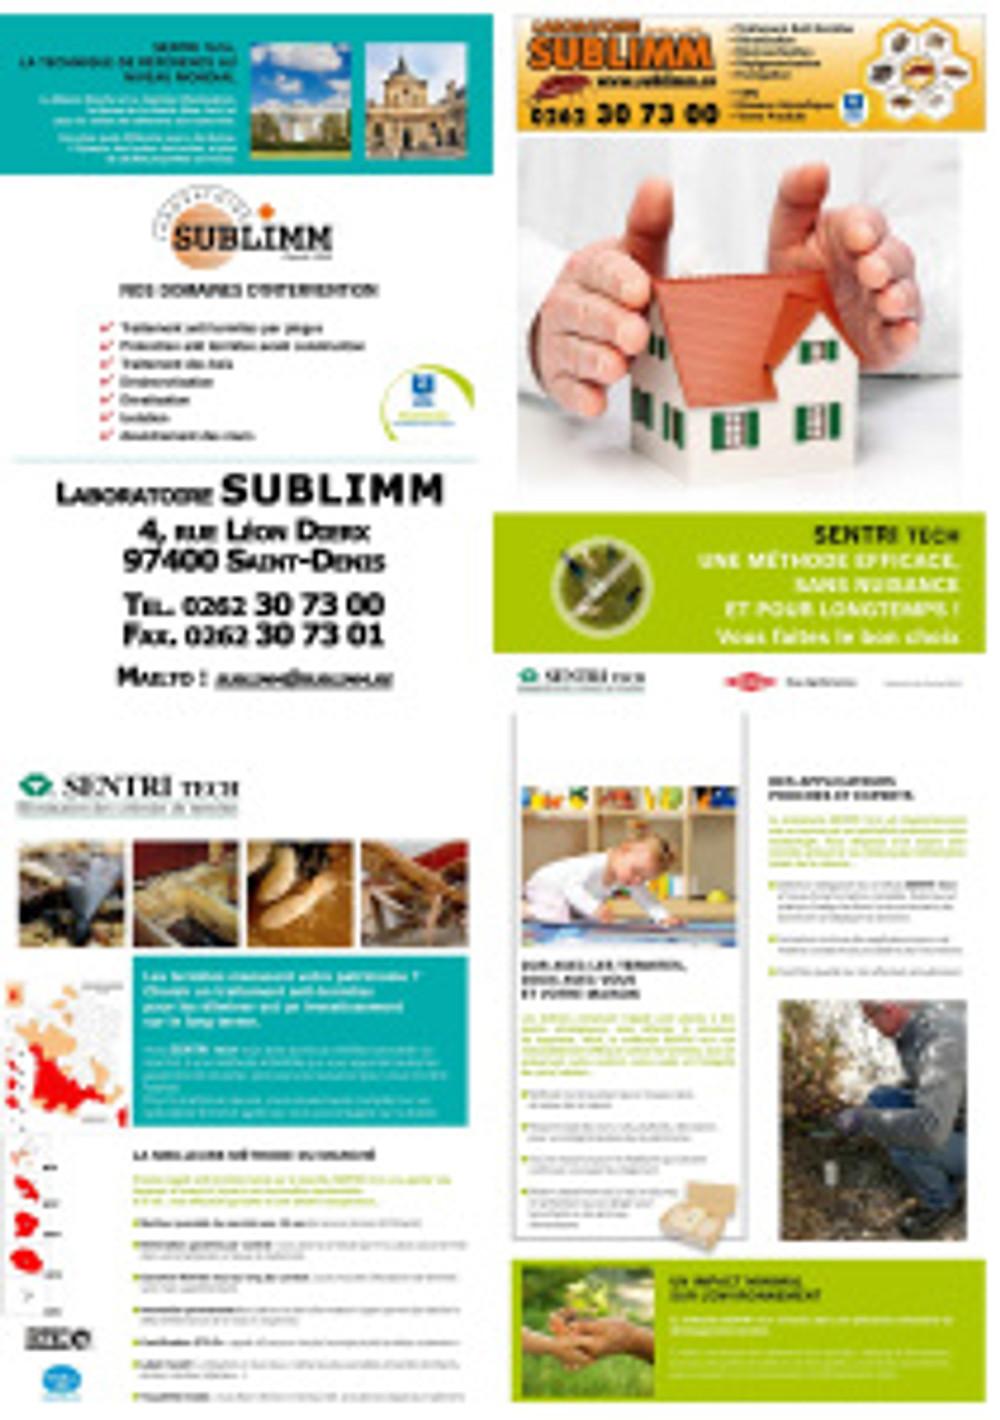 SENTRI-TECH-et-SUBLIMM-Pièges-appâts-contre-les-termites